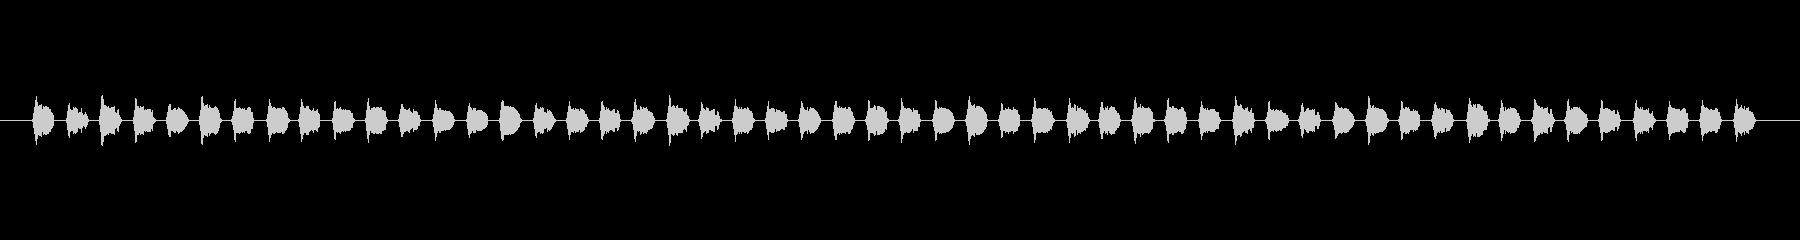 【慌てる02-3】の未再生の波形